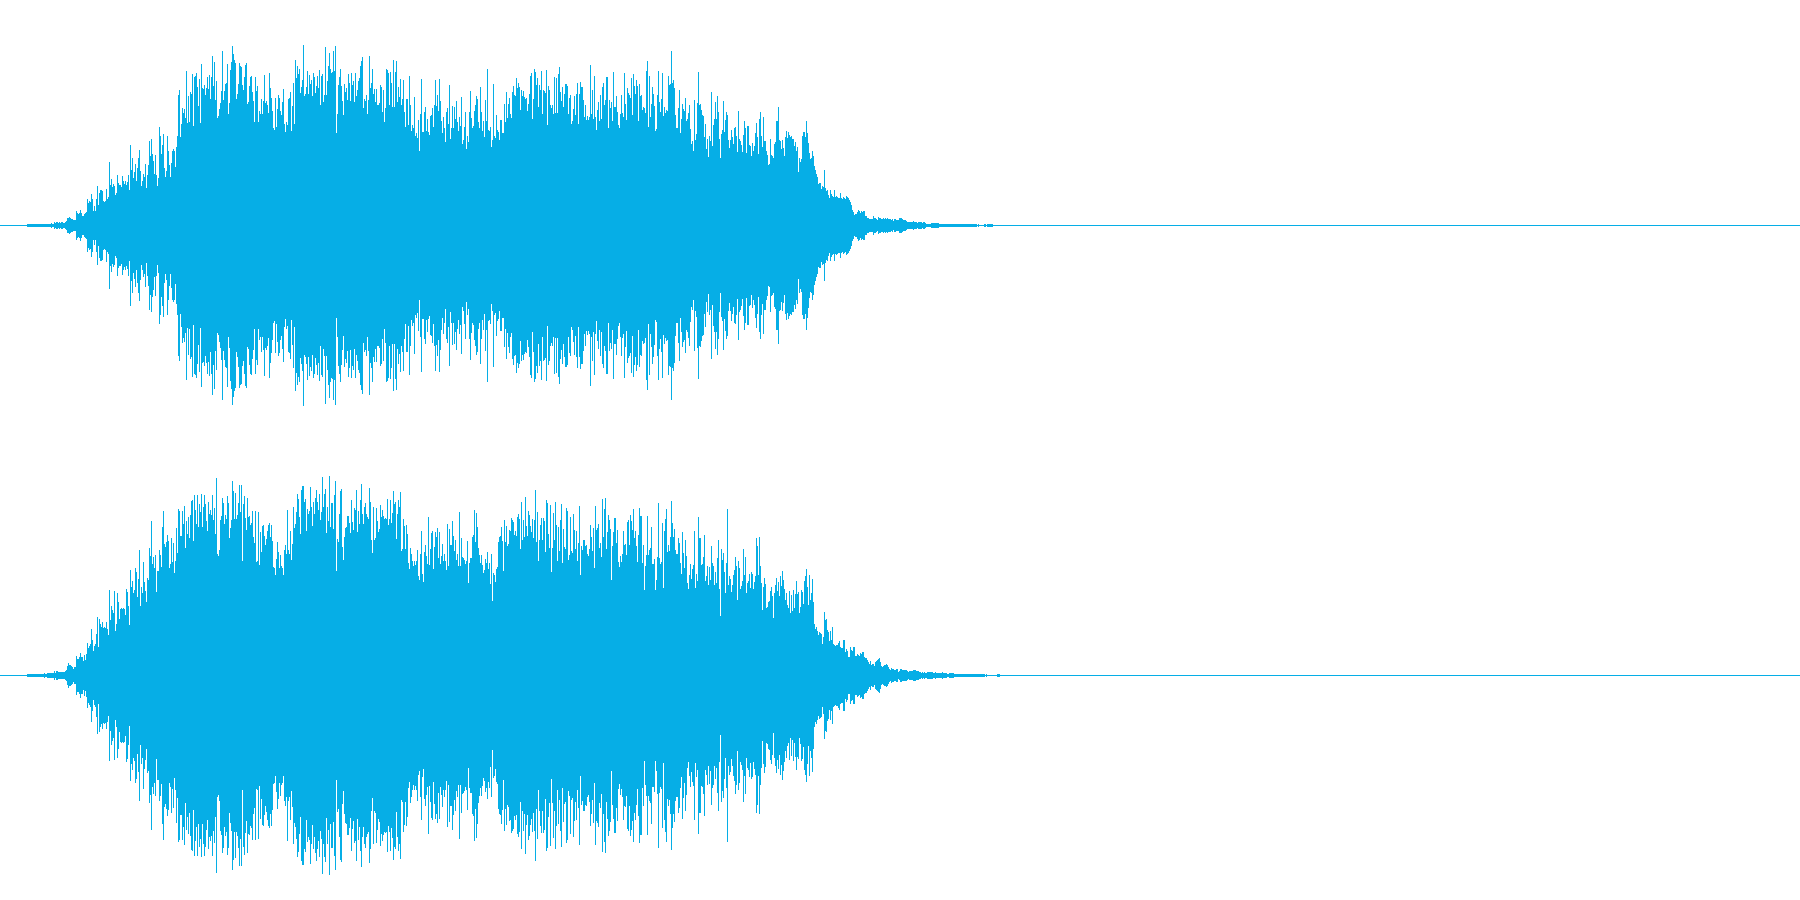 ワールド・ミュージック系ジングルの再生済みの波形